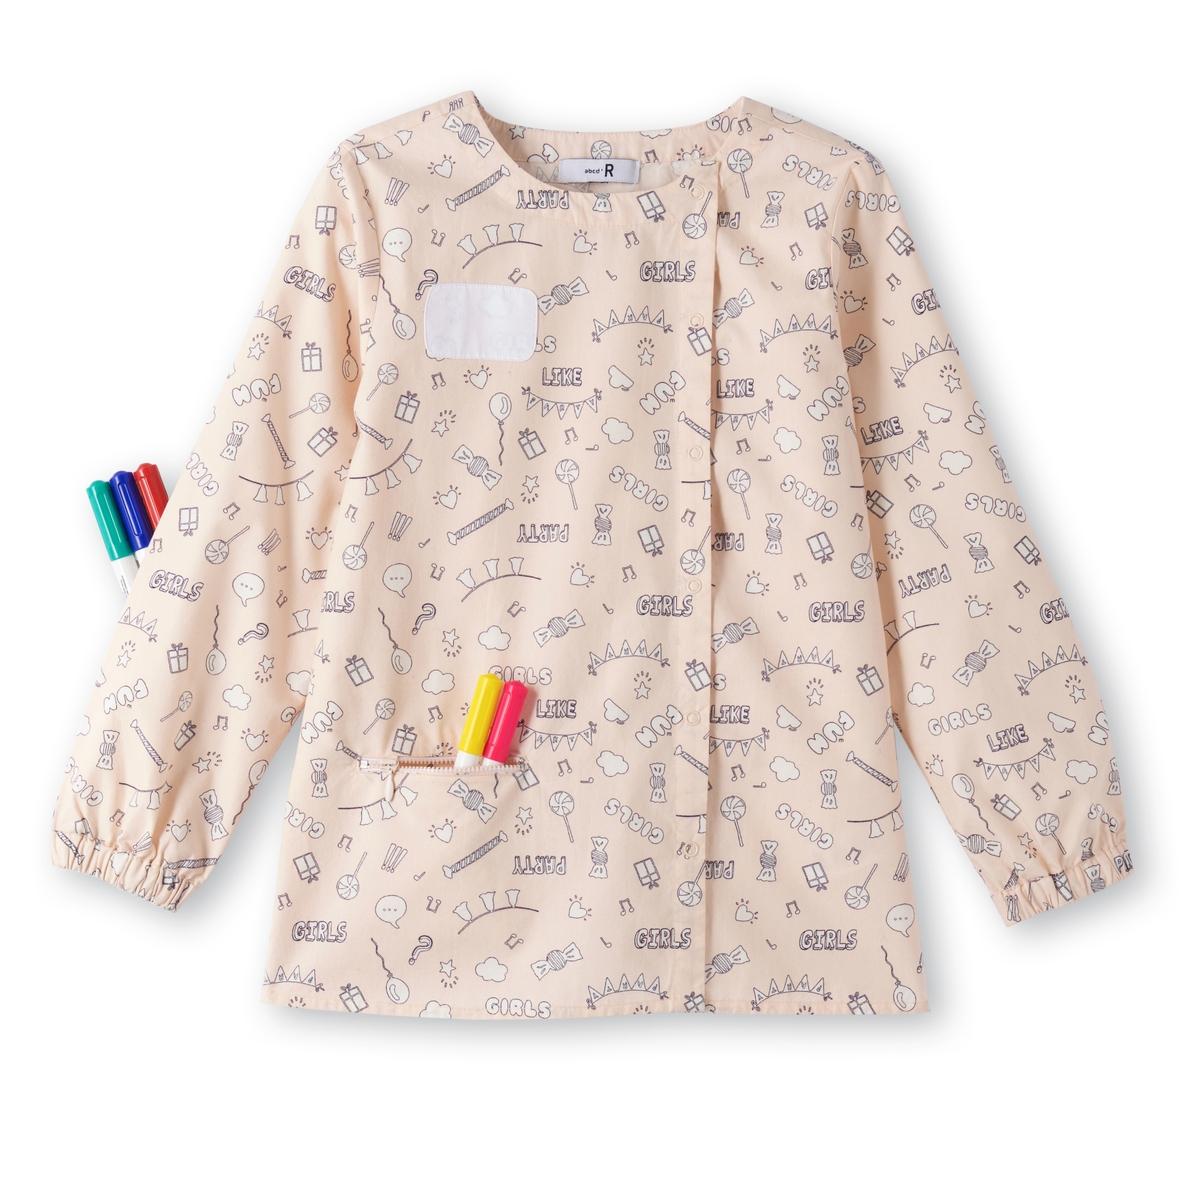 Накидка для детского сада и школы разноцветная 3-12 лет